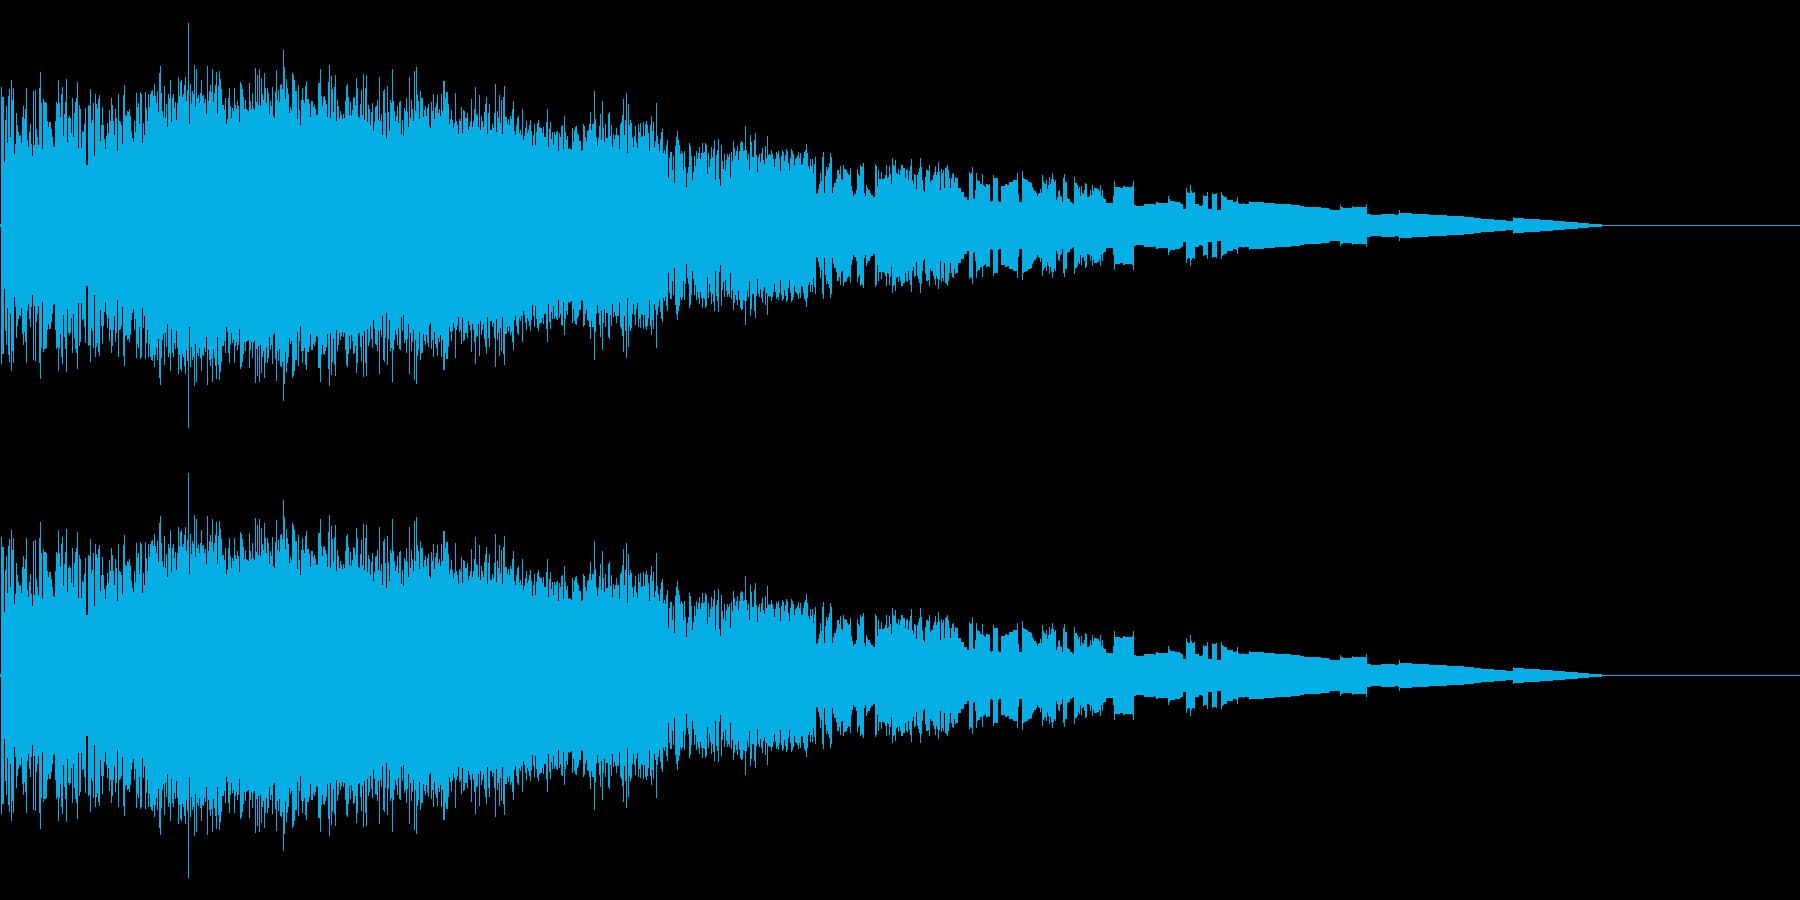 レトロゲーム風魔法・炎系2の再生済みの波形